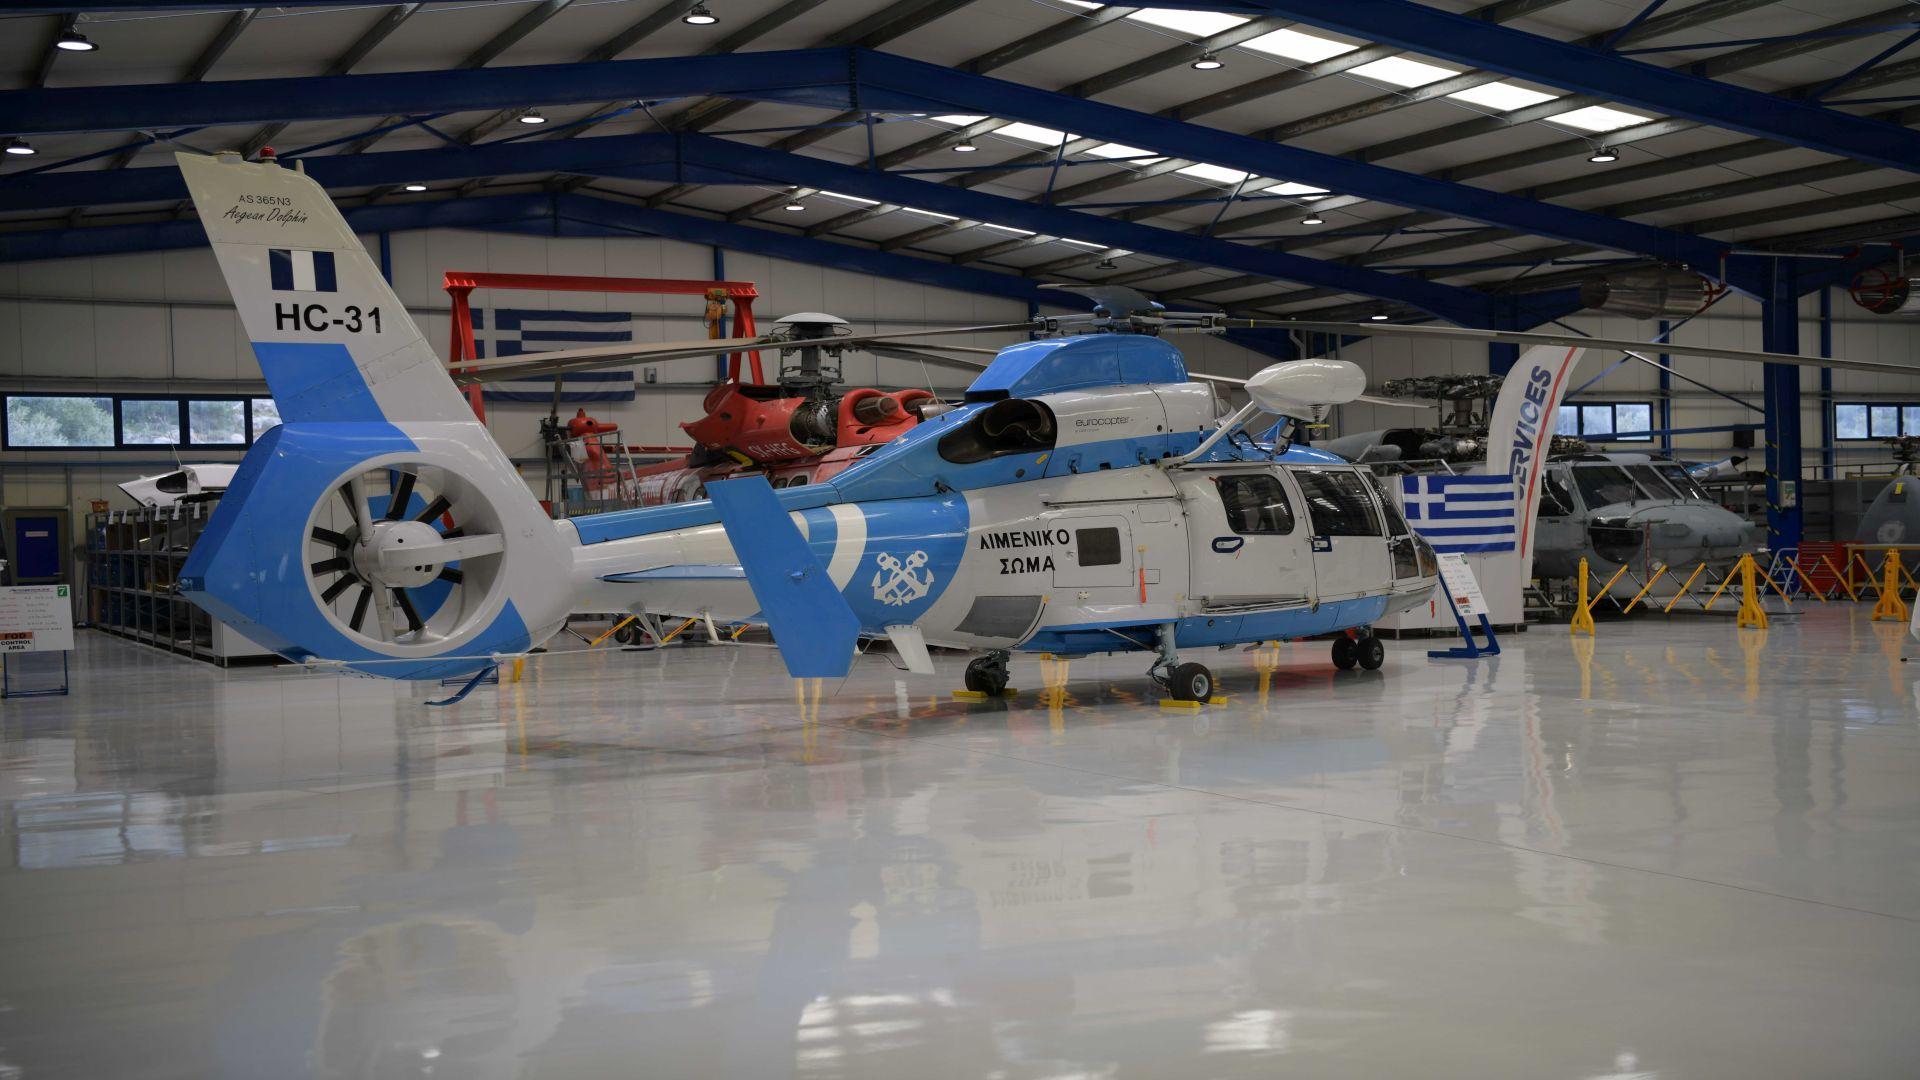 Λιμενικό Σώμα: Έτοιμο το ελικόπτερο AEGEAN DAUPHIN – Κατατέθηκε εξοπλιστικό πρόγραμμα 85 εκ. ευρώ!